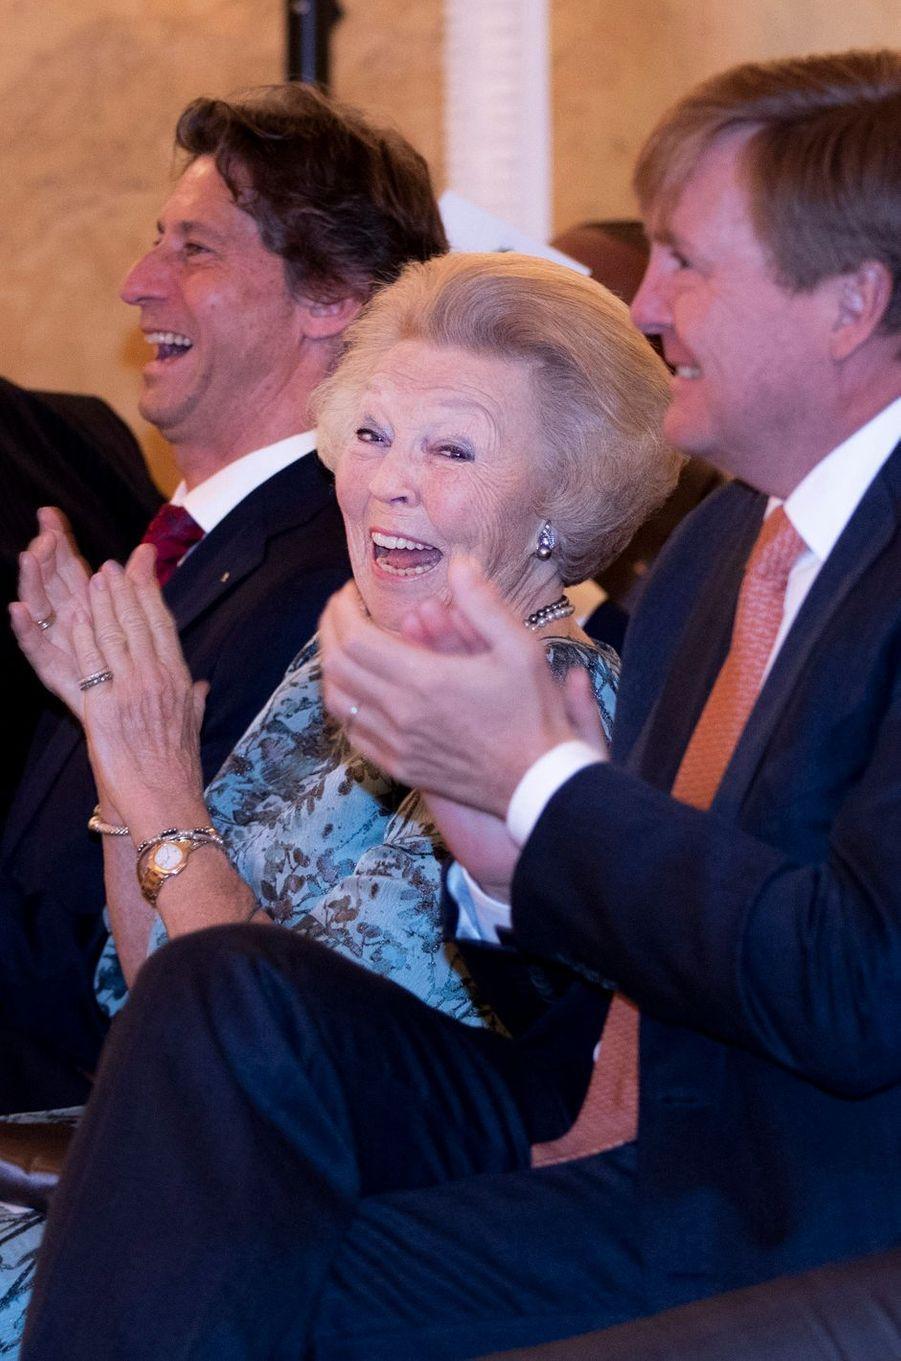 La princesse Beatrix et le roi Willem-Alexander des Pays-Bas à La Haye, le 6 juin 2018